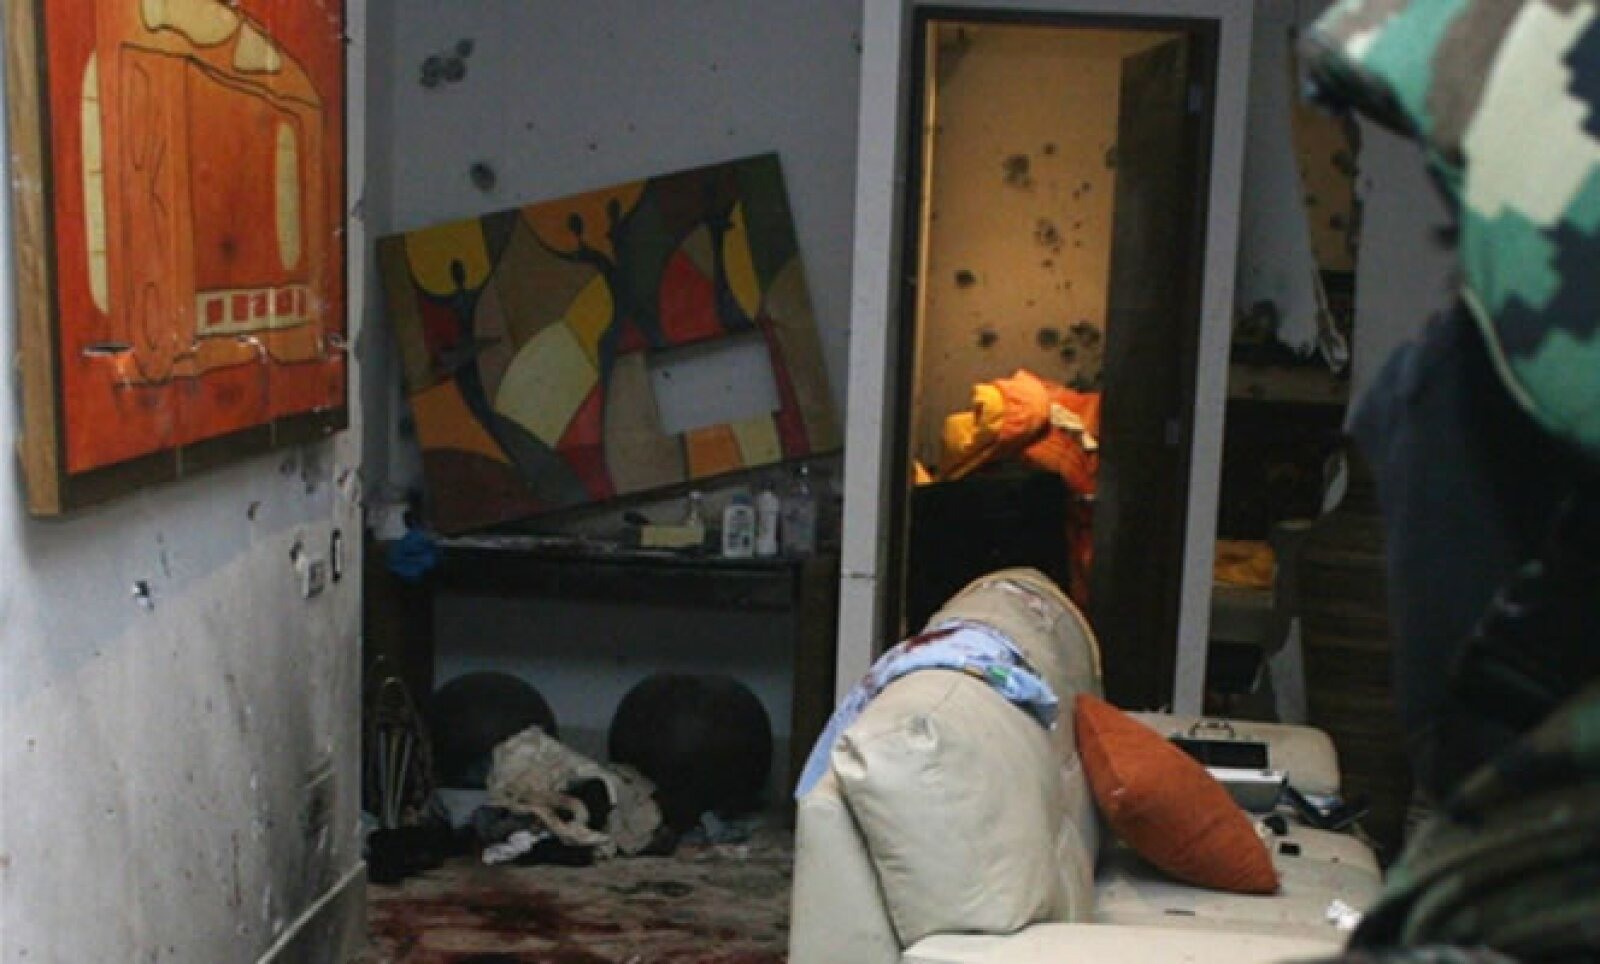 Un soldado observa la habitación dónde fue capturado el narcotraficante Beltrán Leyva; quien fuera considerado el Jefe de Jefes, falleció en el lugar tras un enfrentamiento con elementos de la Marina y el Ejército.